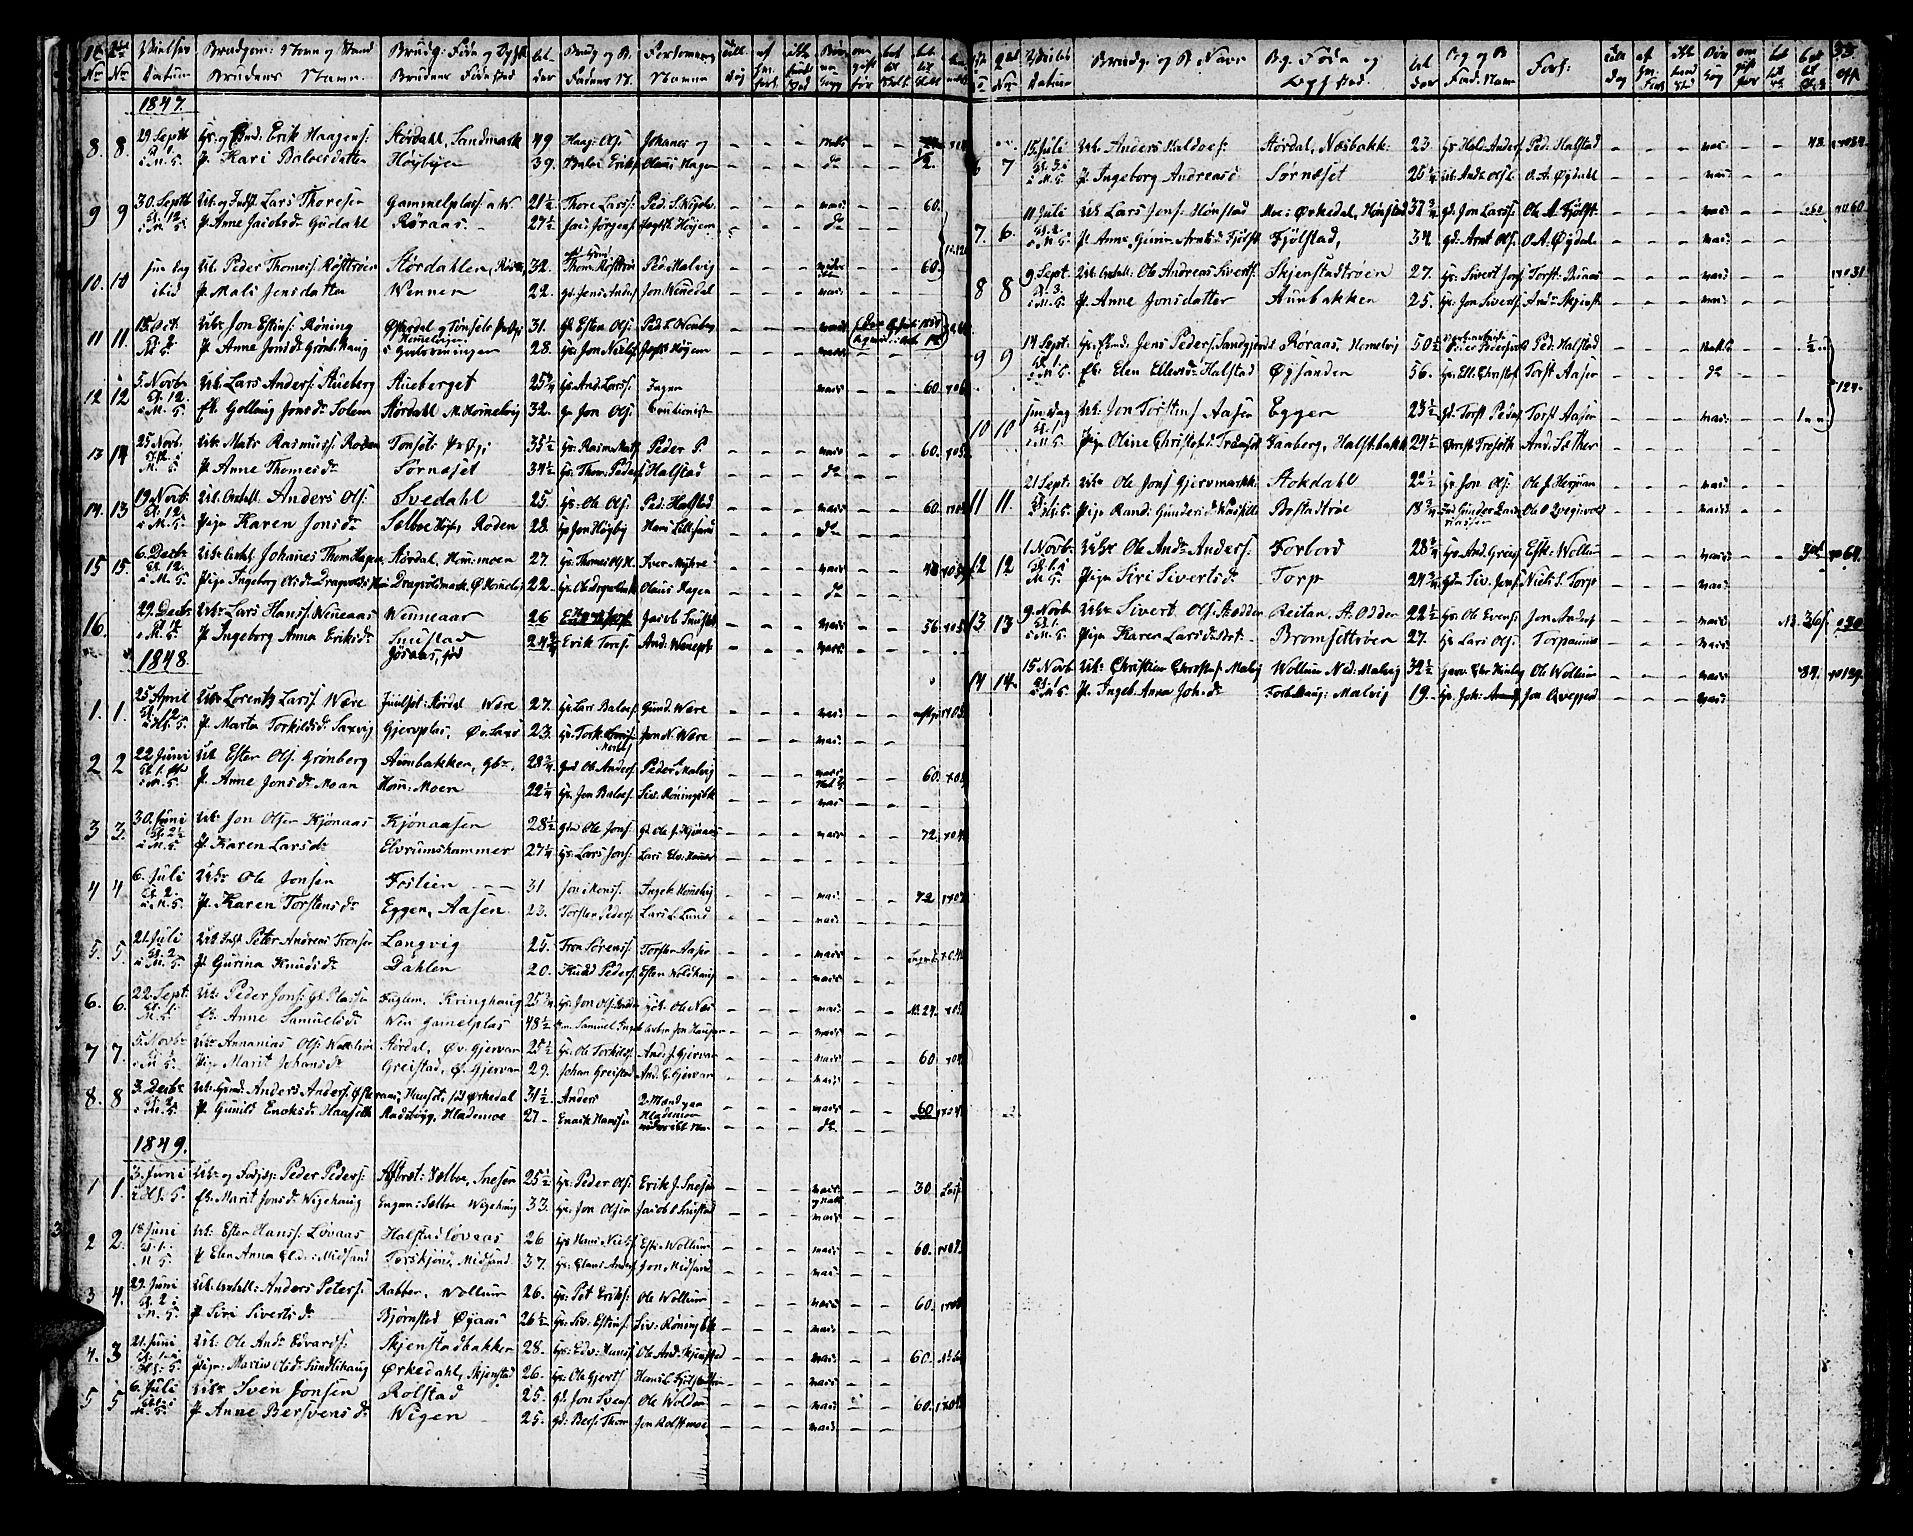 SAT, Ministerialprotokoller, klokkerbøker og fødselsregistre - Sør-Trøndelag, 616/L0421: Klokkerbok nr. 616C04, 1834-1850, s. 33